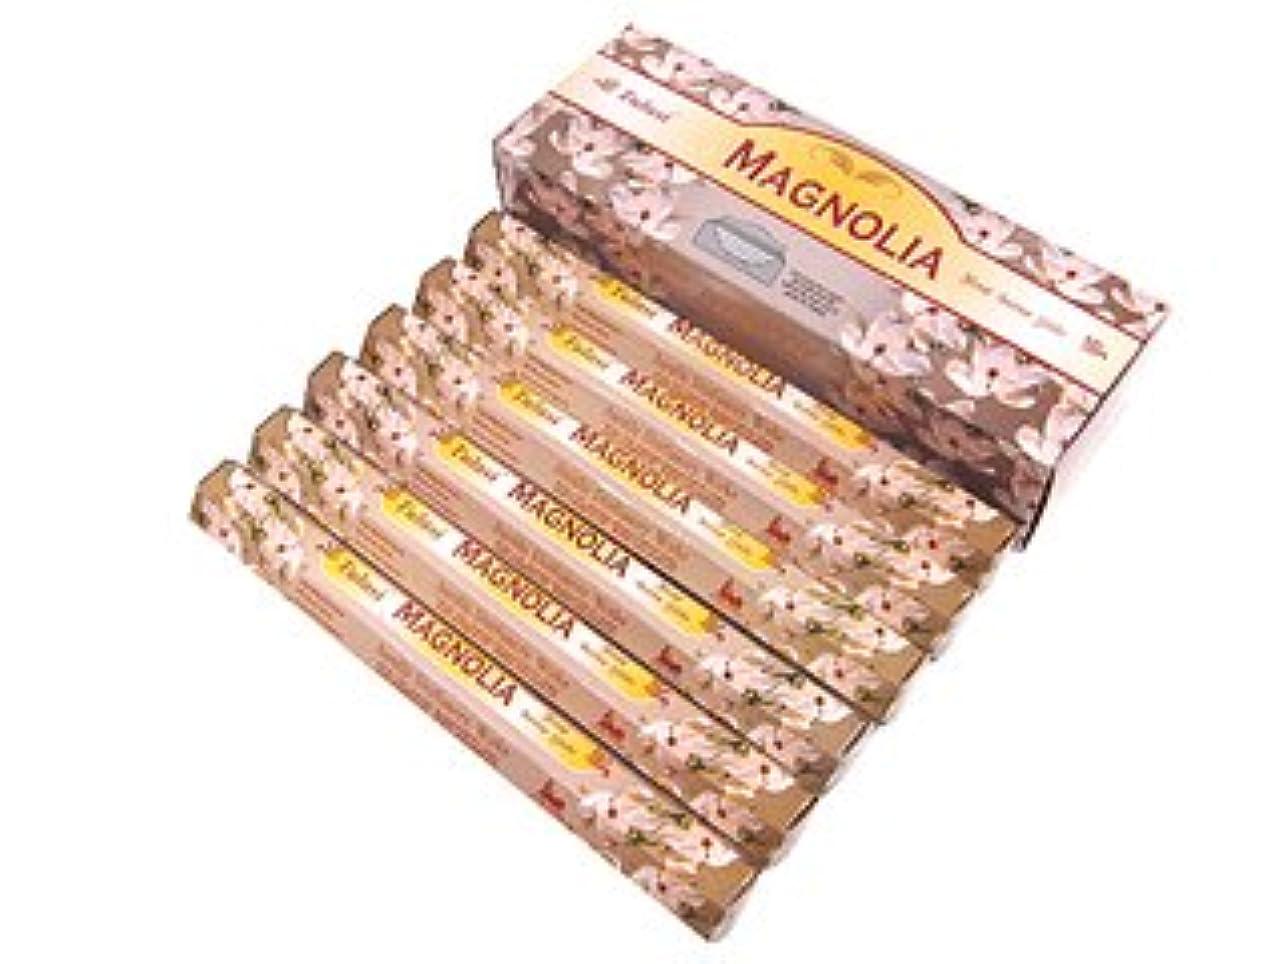 また明日ね喉頭マトリックスTULASI(トゥラシ) マグノリア香 スティック MAGNOLIA 6箱セット